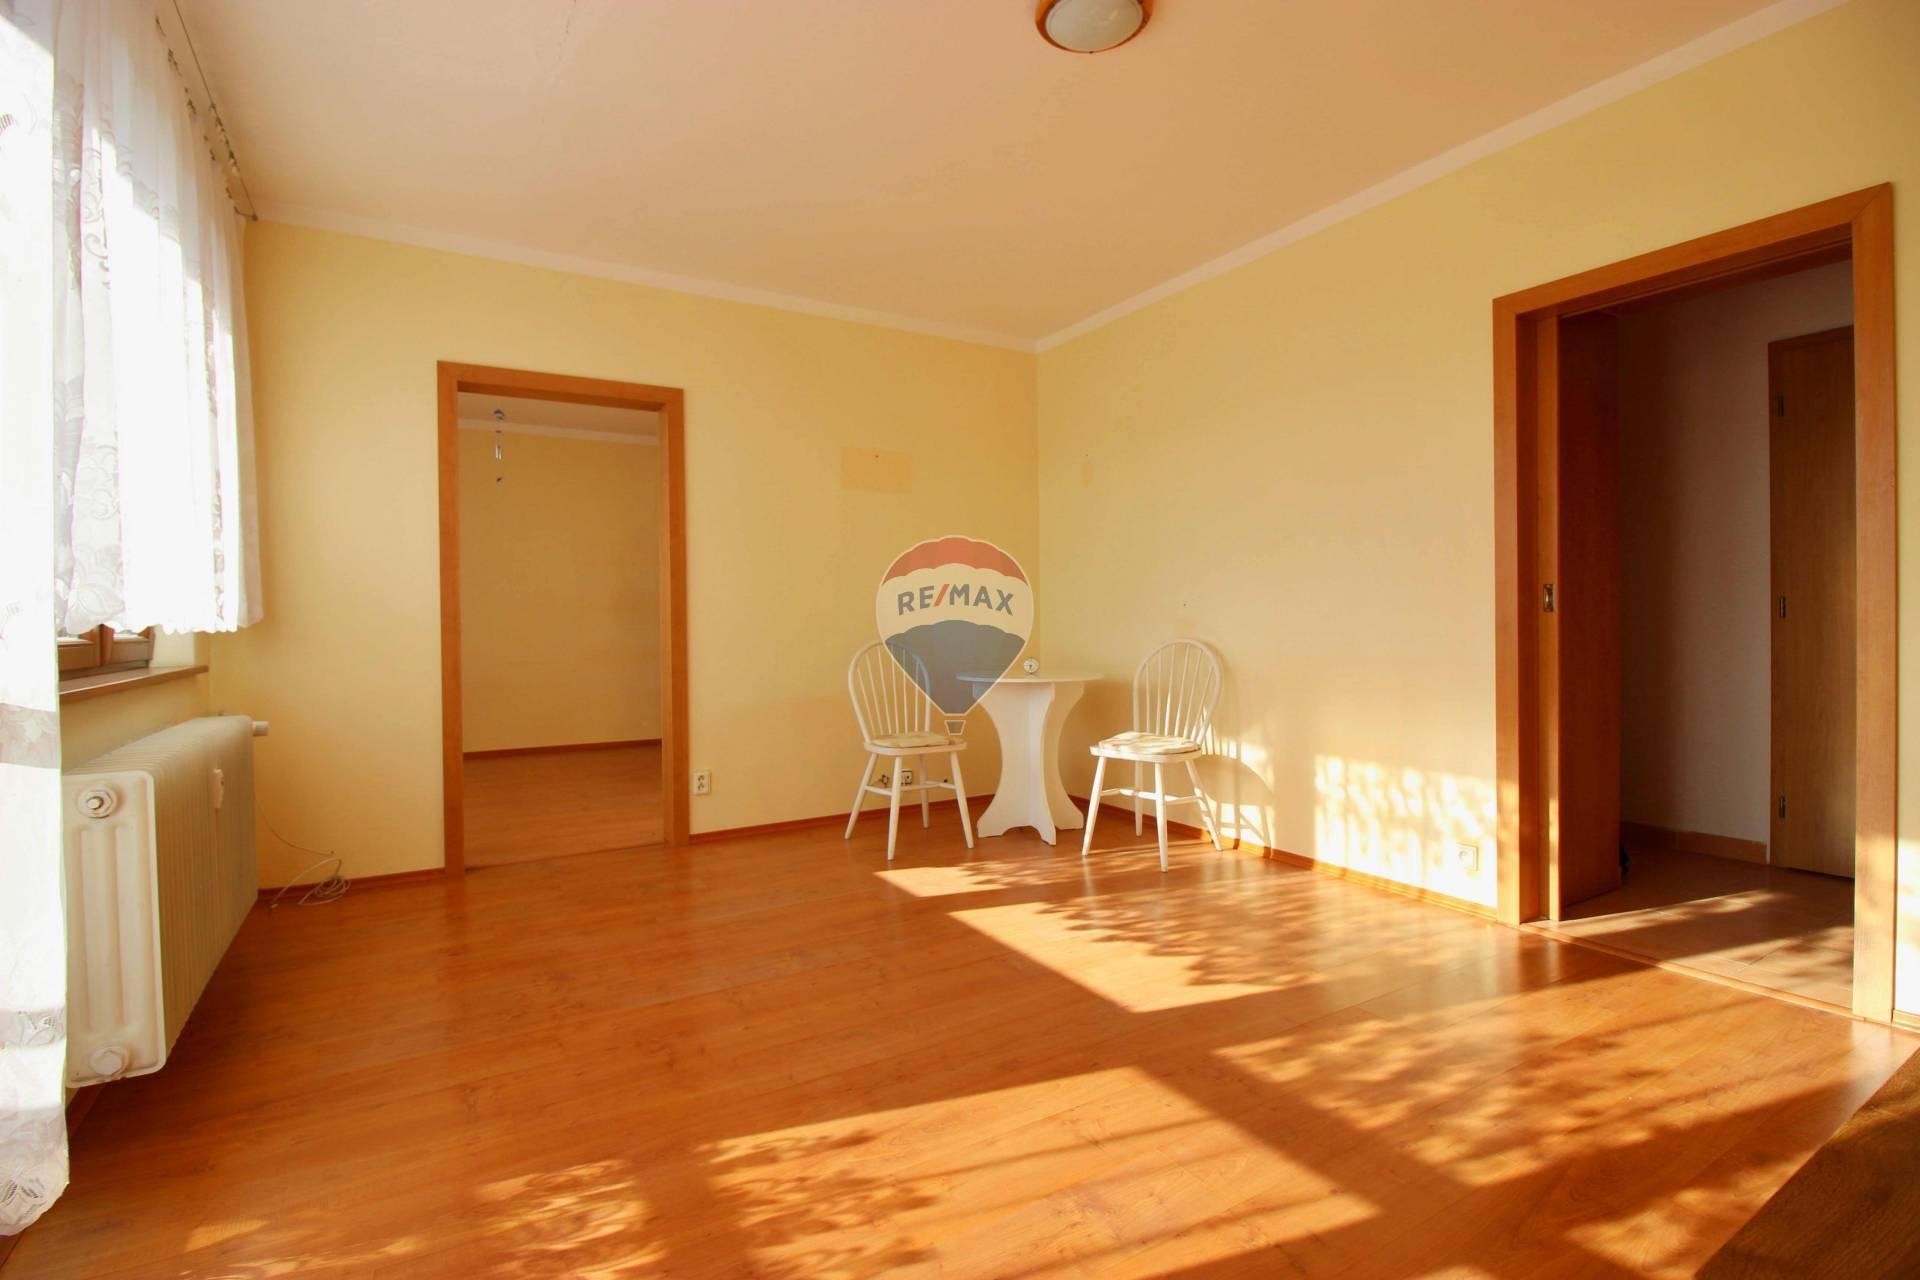 PREDAJ 3 izbový byt (72 m2), Tematínska ulica, Nové Mesto nad Váhom